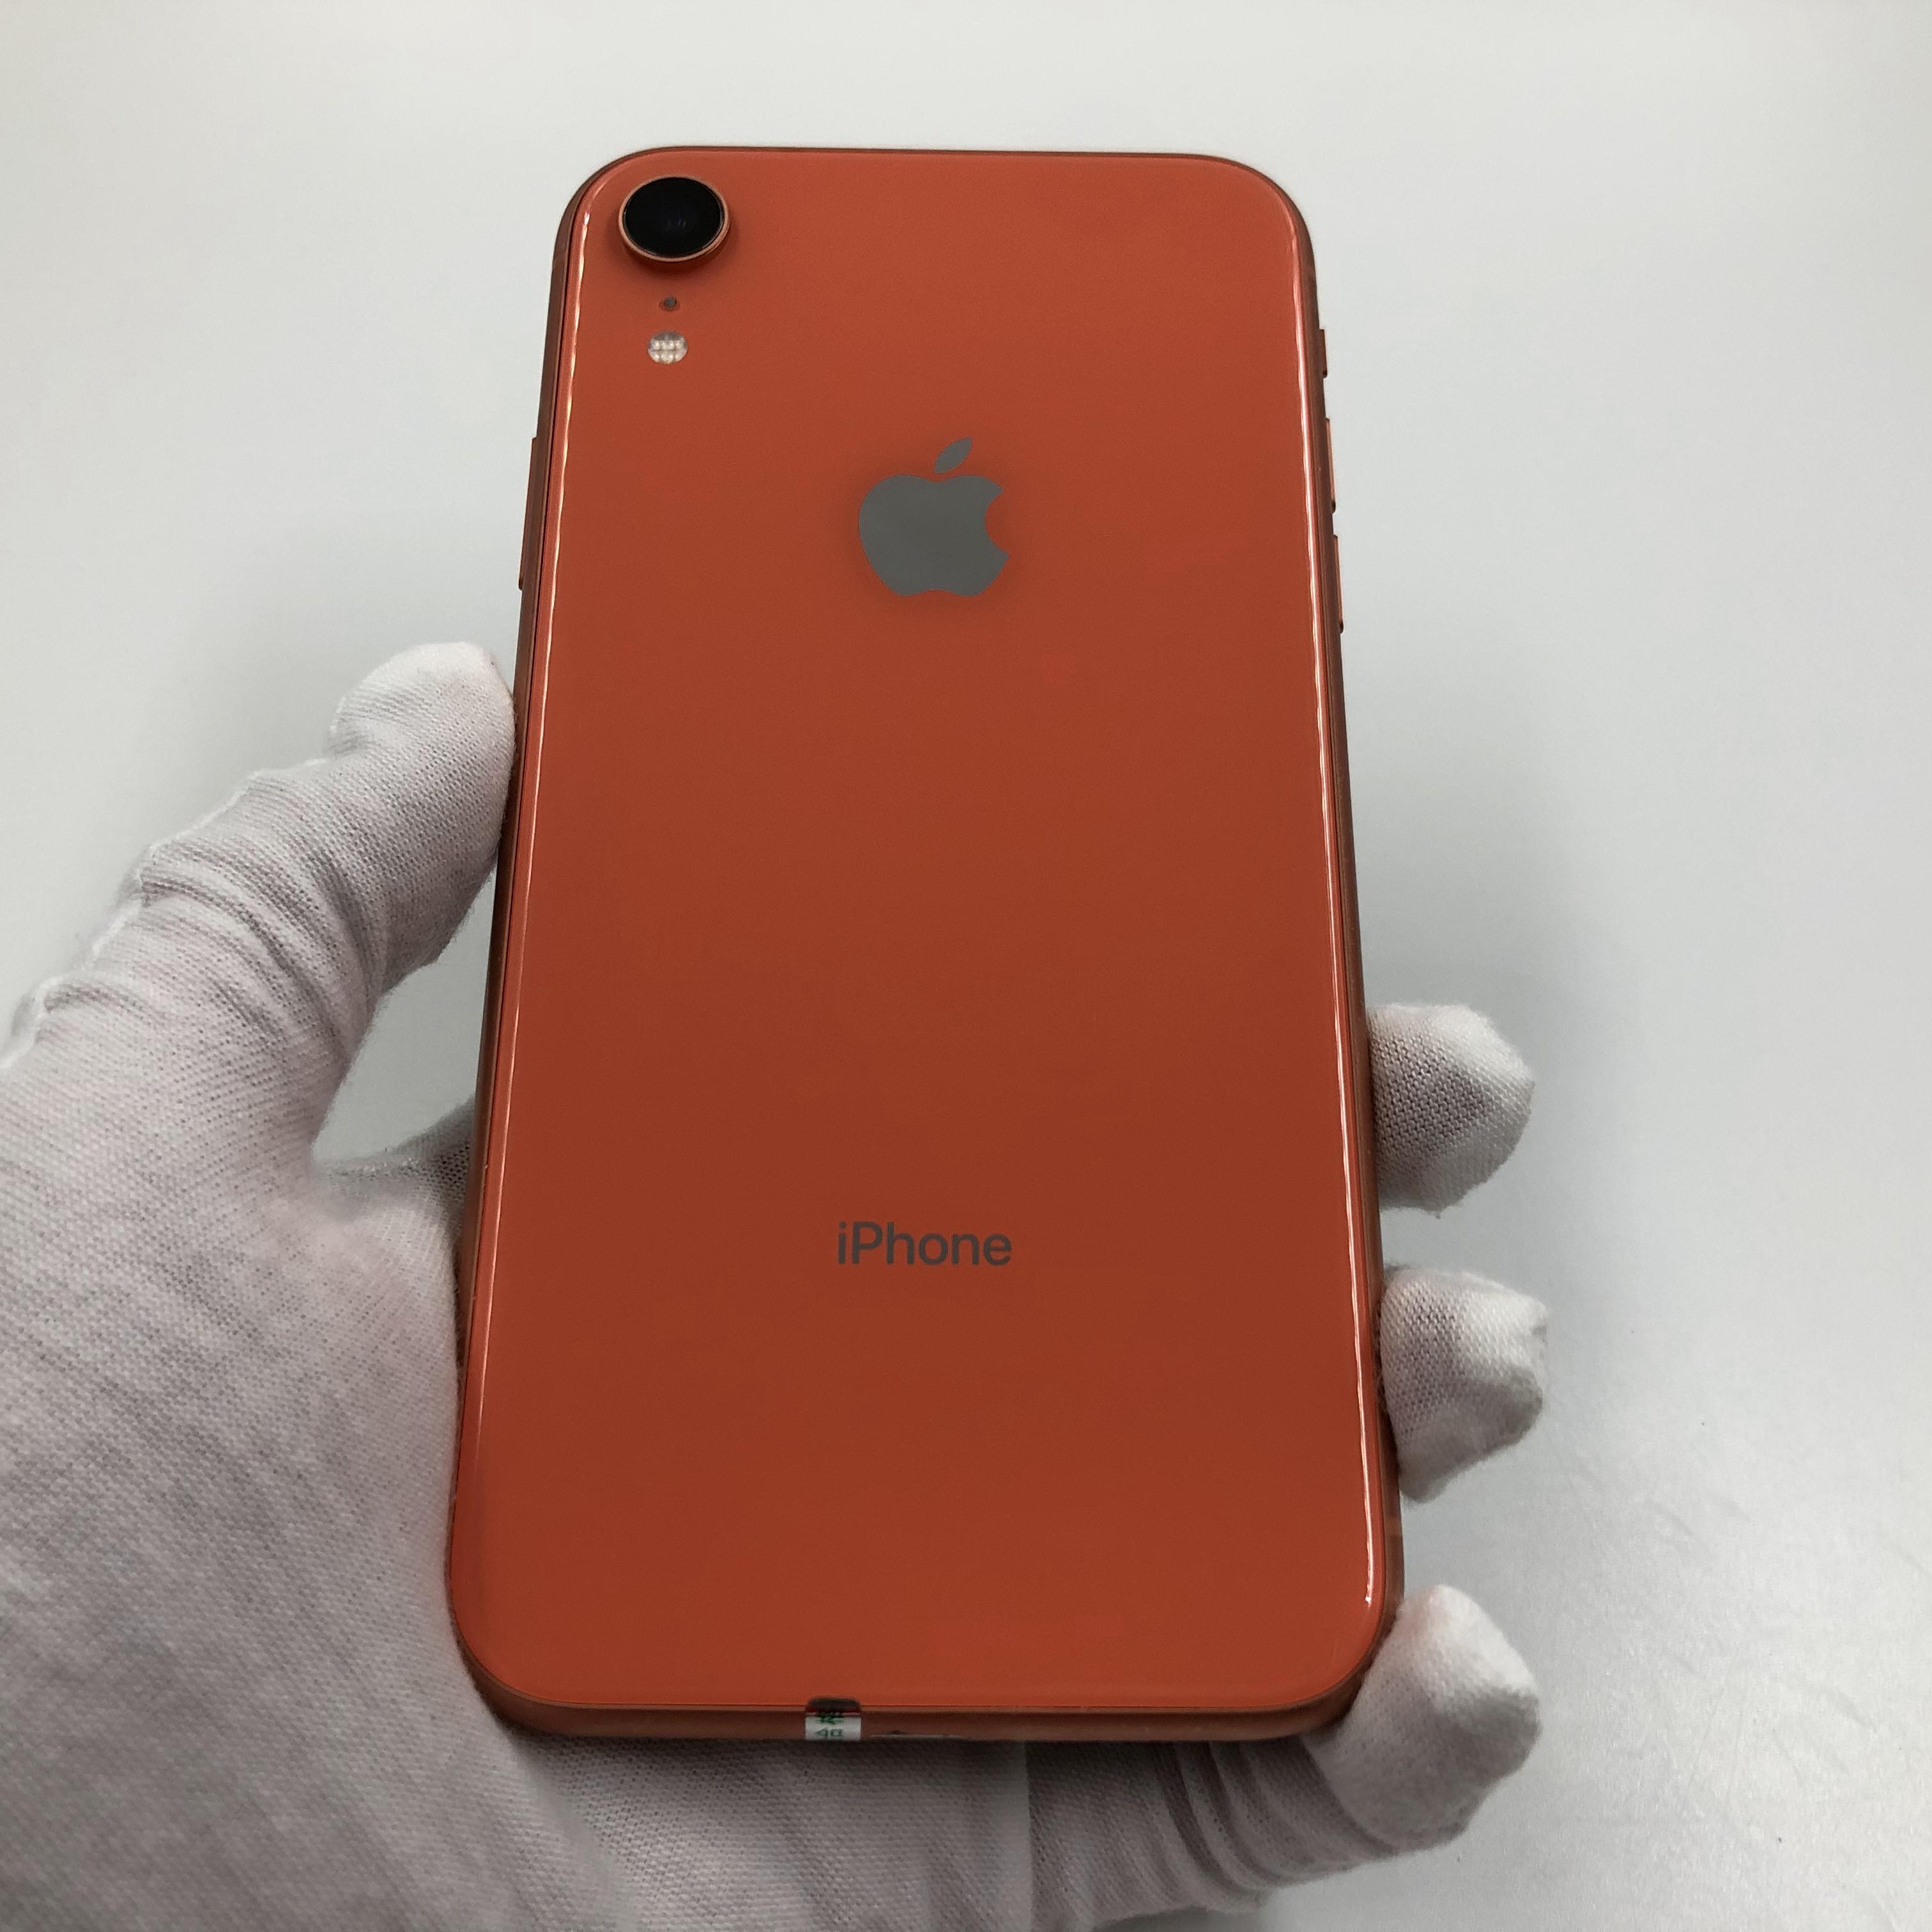 苹果【iPhone XR】4G全网通 珊瑚色 64G 国行 9成新 真机实拍